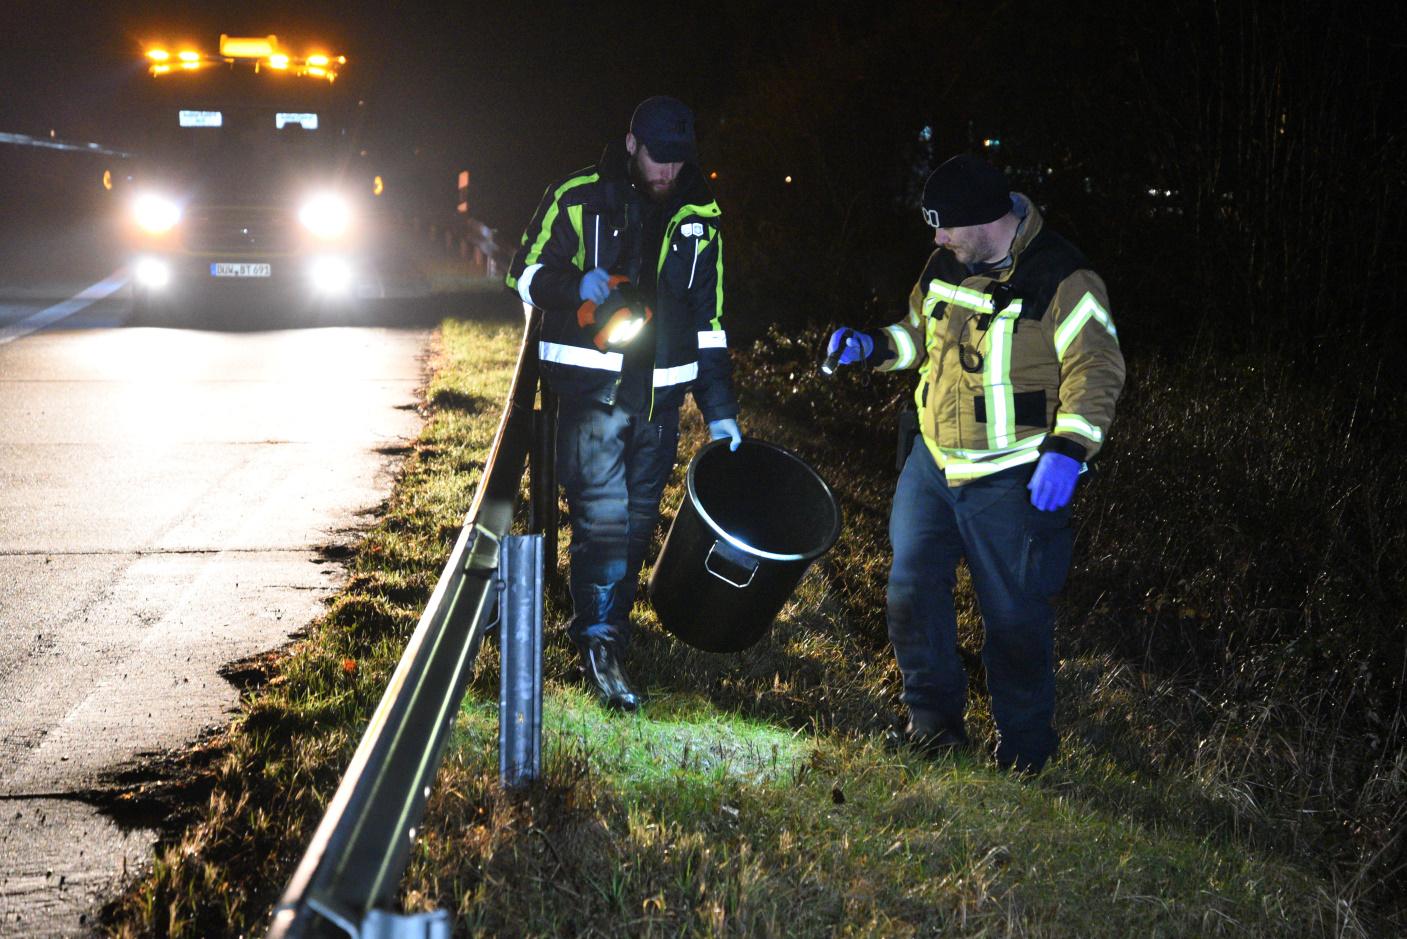 Hockenheim: Krötenwanderung über die Autobahn - Tierrettung Rhein-Neckar rettet knapp 100 Erdkröten vor dem Tod